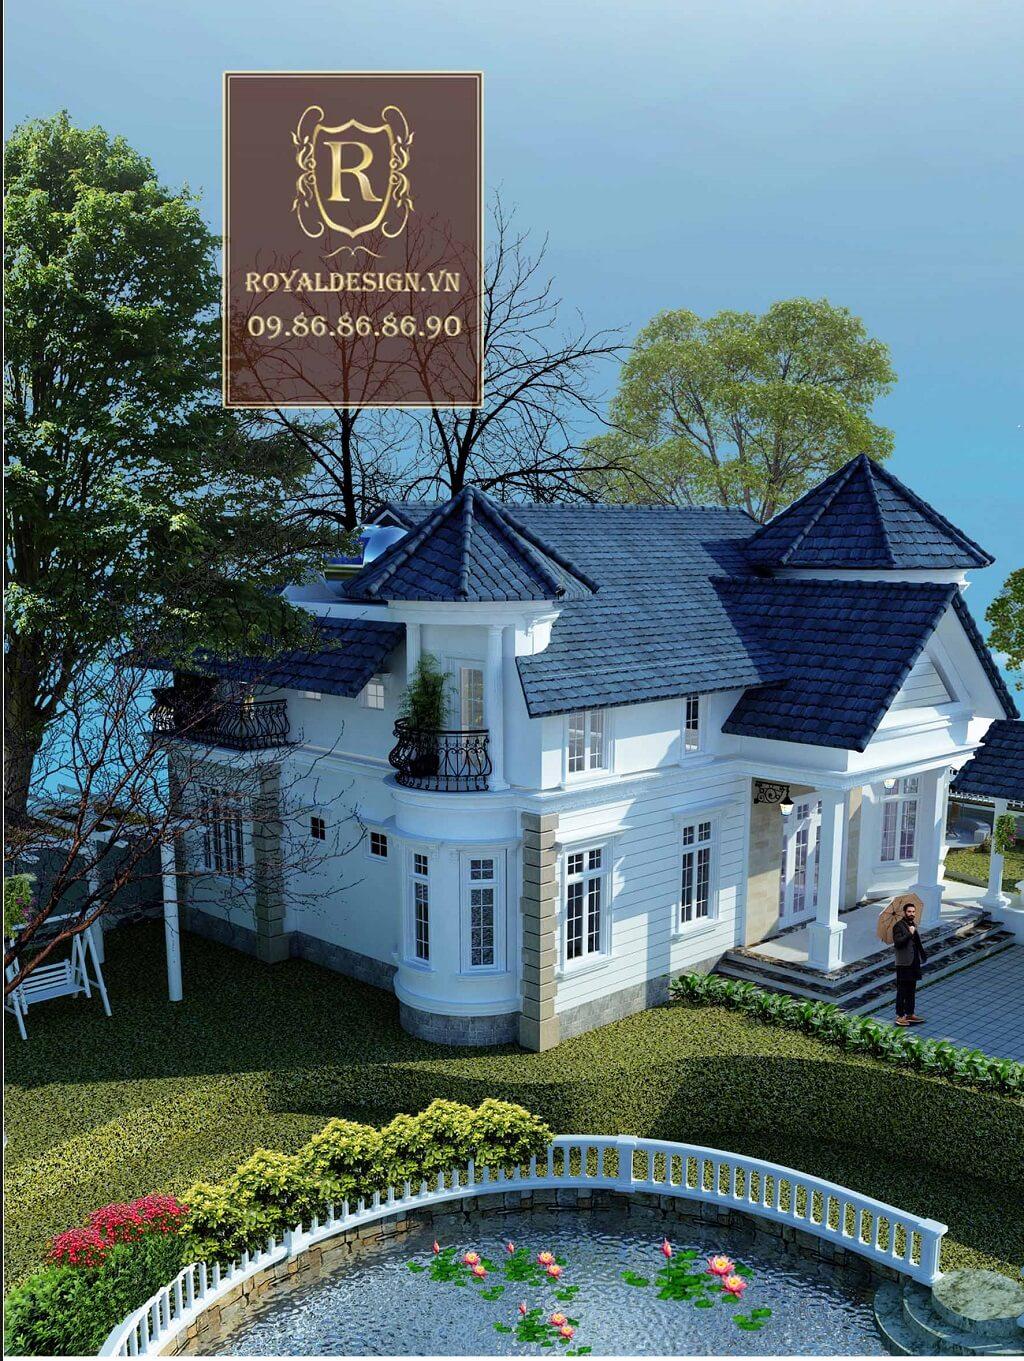 Mãu thiết kế biệt thự nghỉ dưỡng 2 tầng theo phong cách châu âu có bể bơi và ao cá